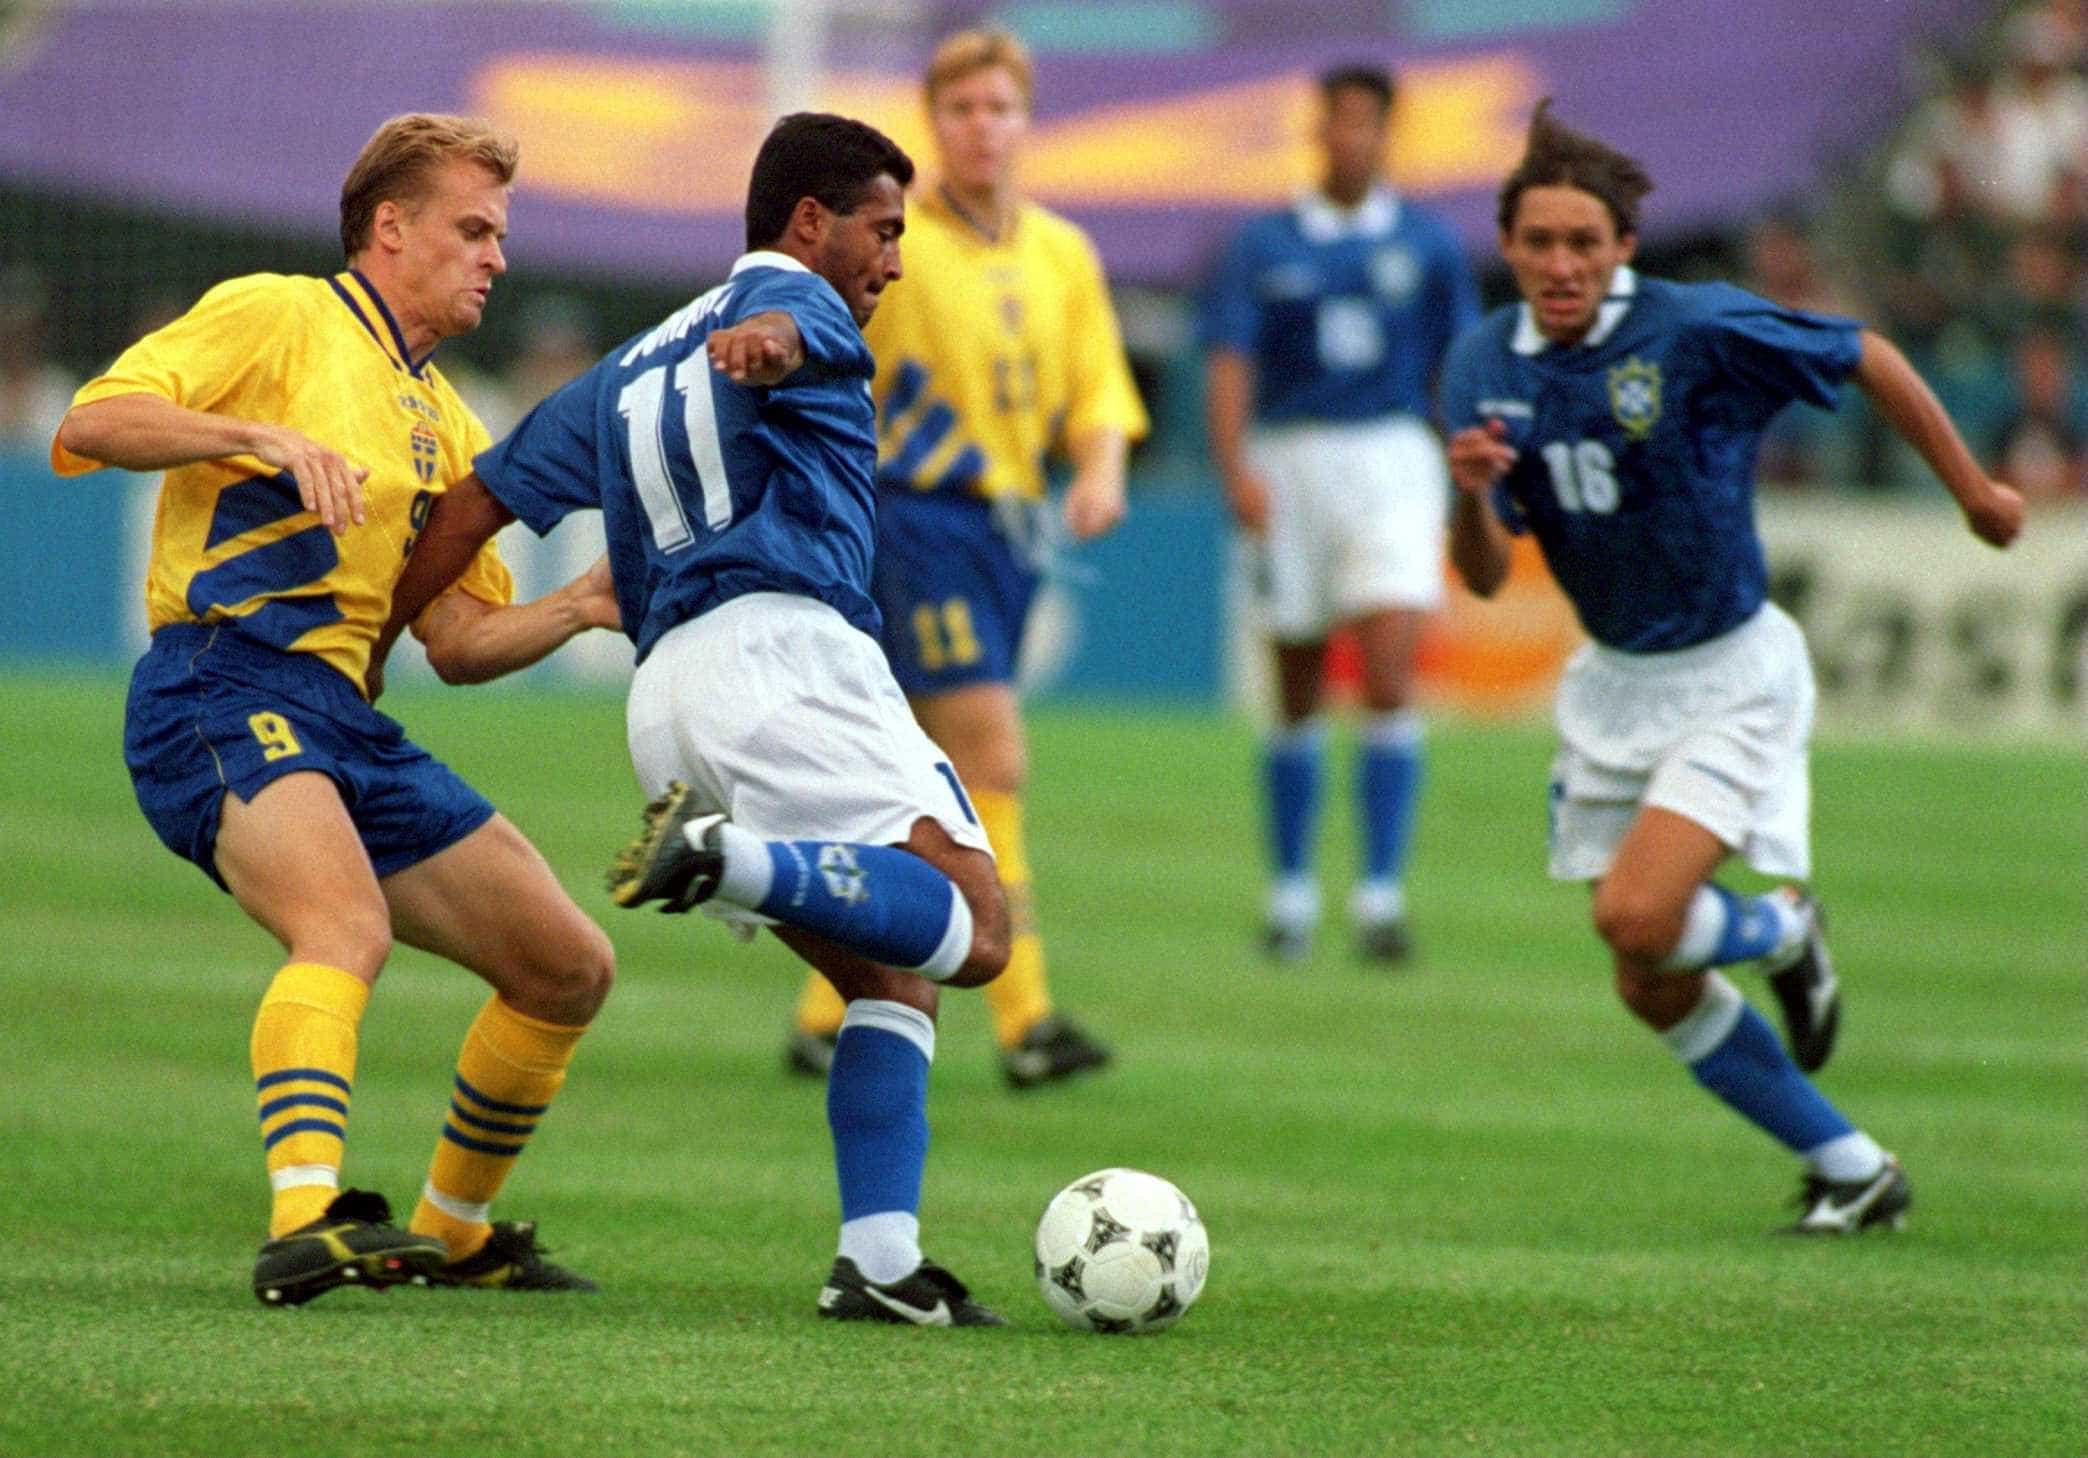 Saiba quais são os confrontos mais repetidos em Copas do Mundo